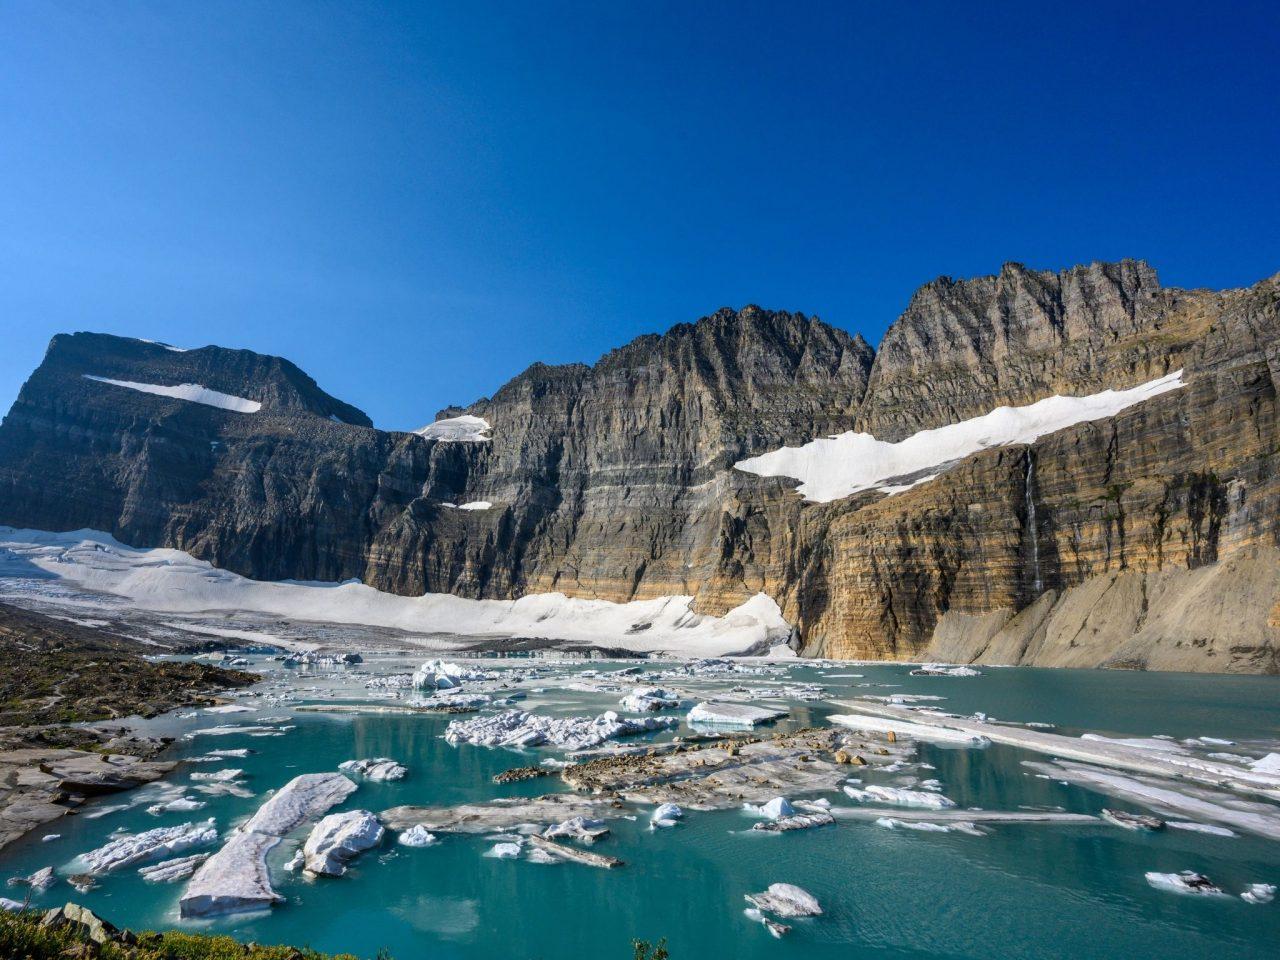 Grinnell Glacier Glacier National Park via Canva